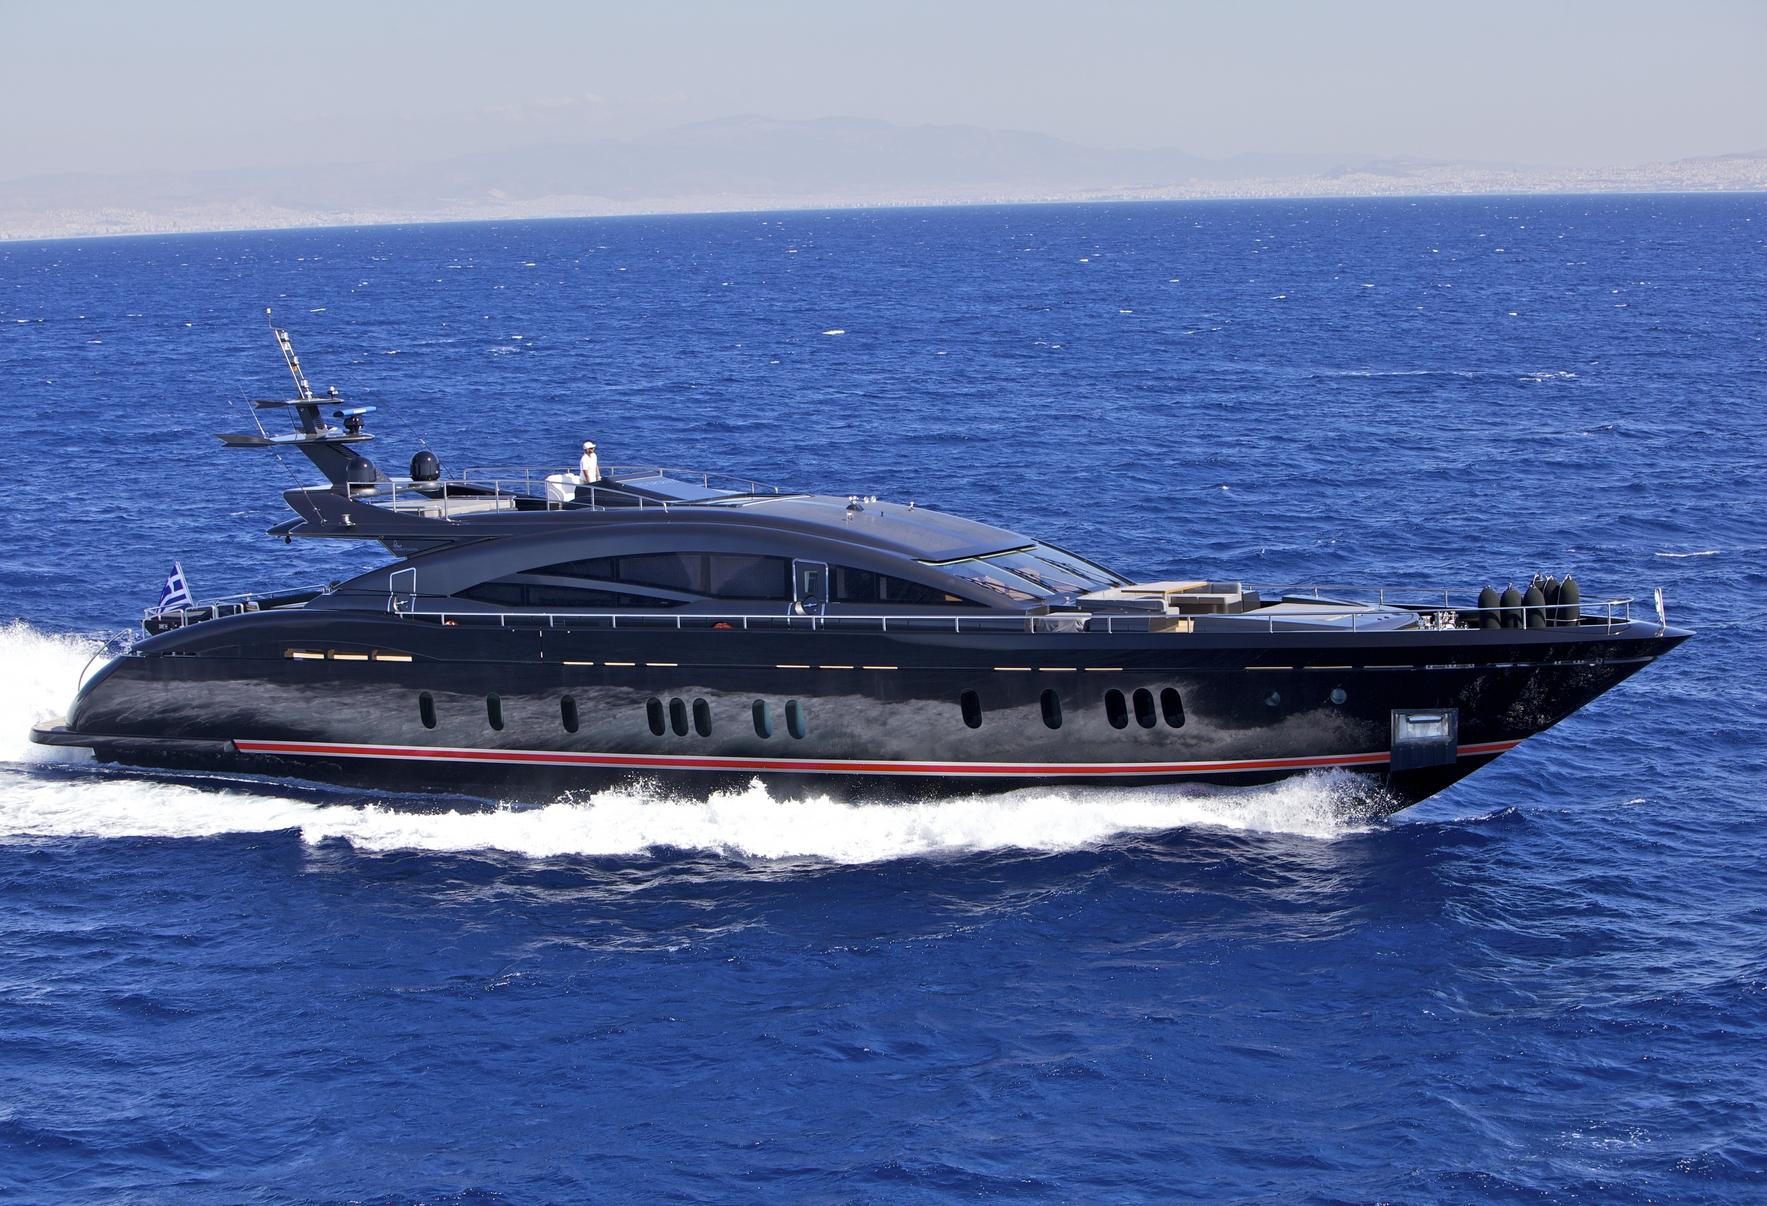 Charter super o 39 pati in greece turkey croatia luxury for Motor boat rental greece